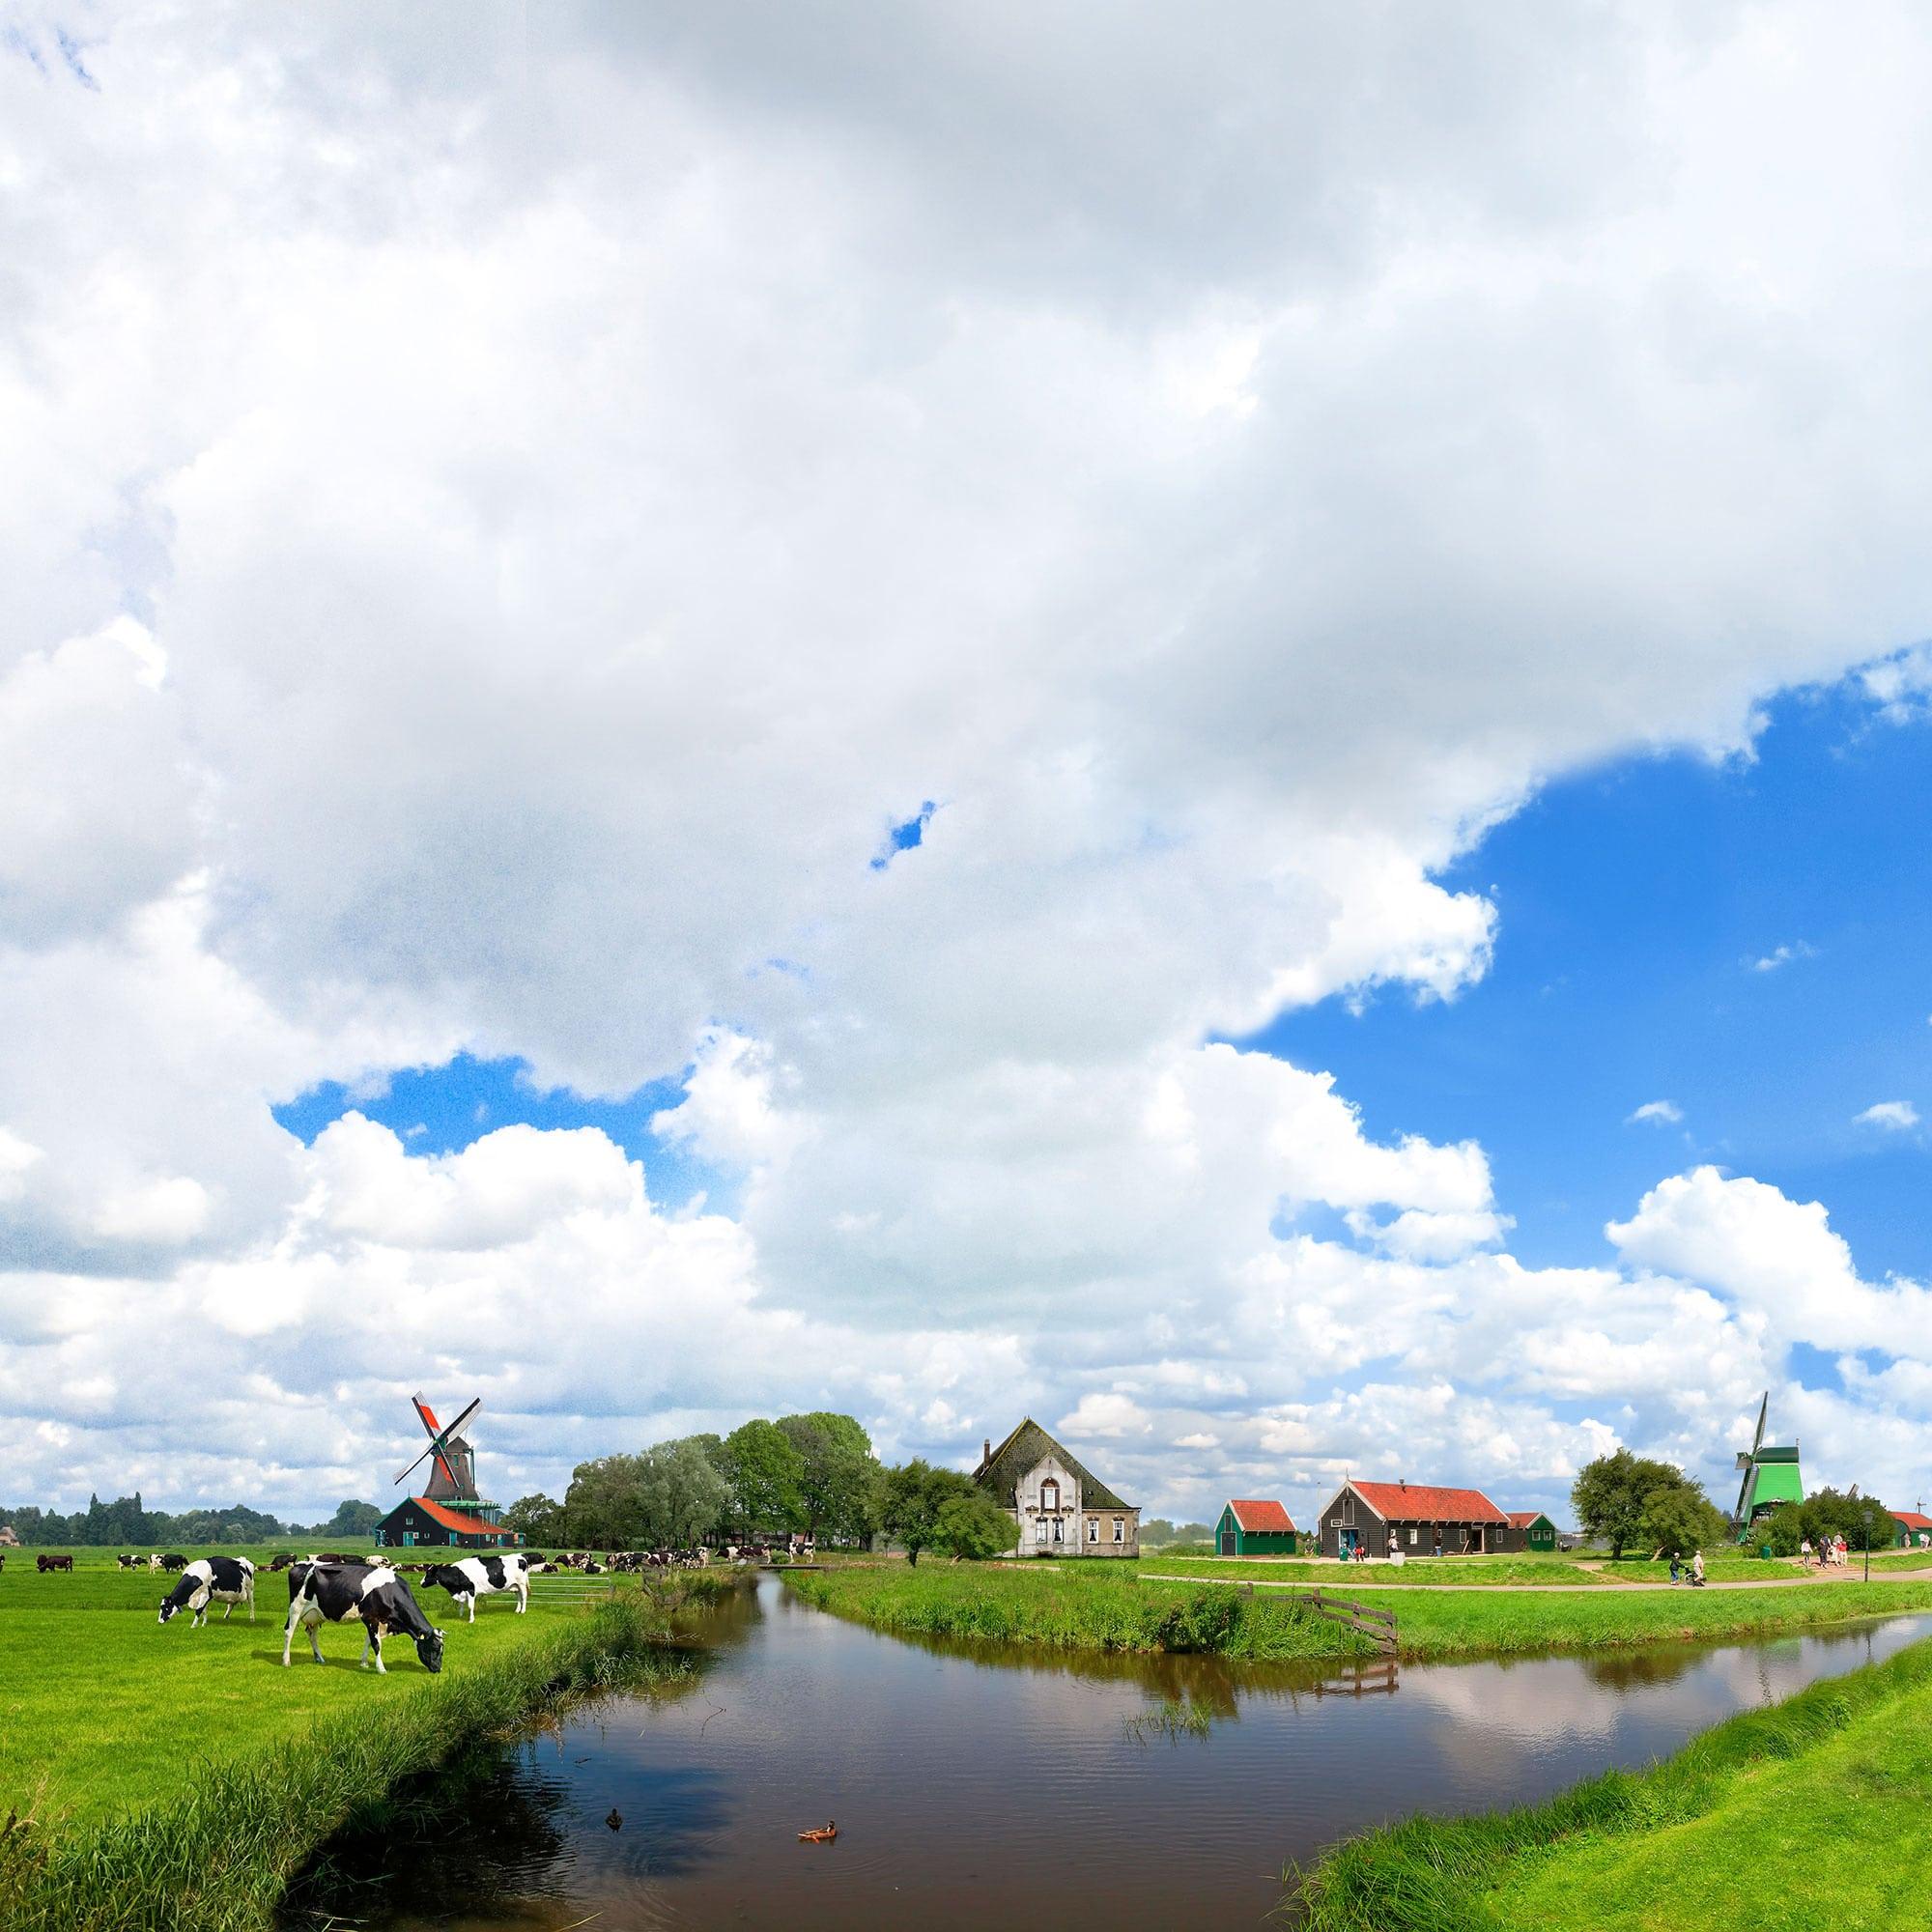 Koggenlandse uitgelicht | Koggelandse - Noord-Hollandse kaas